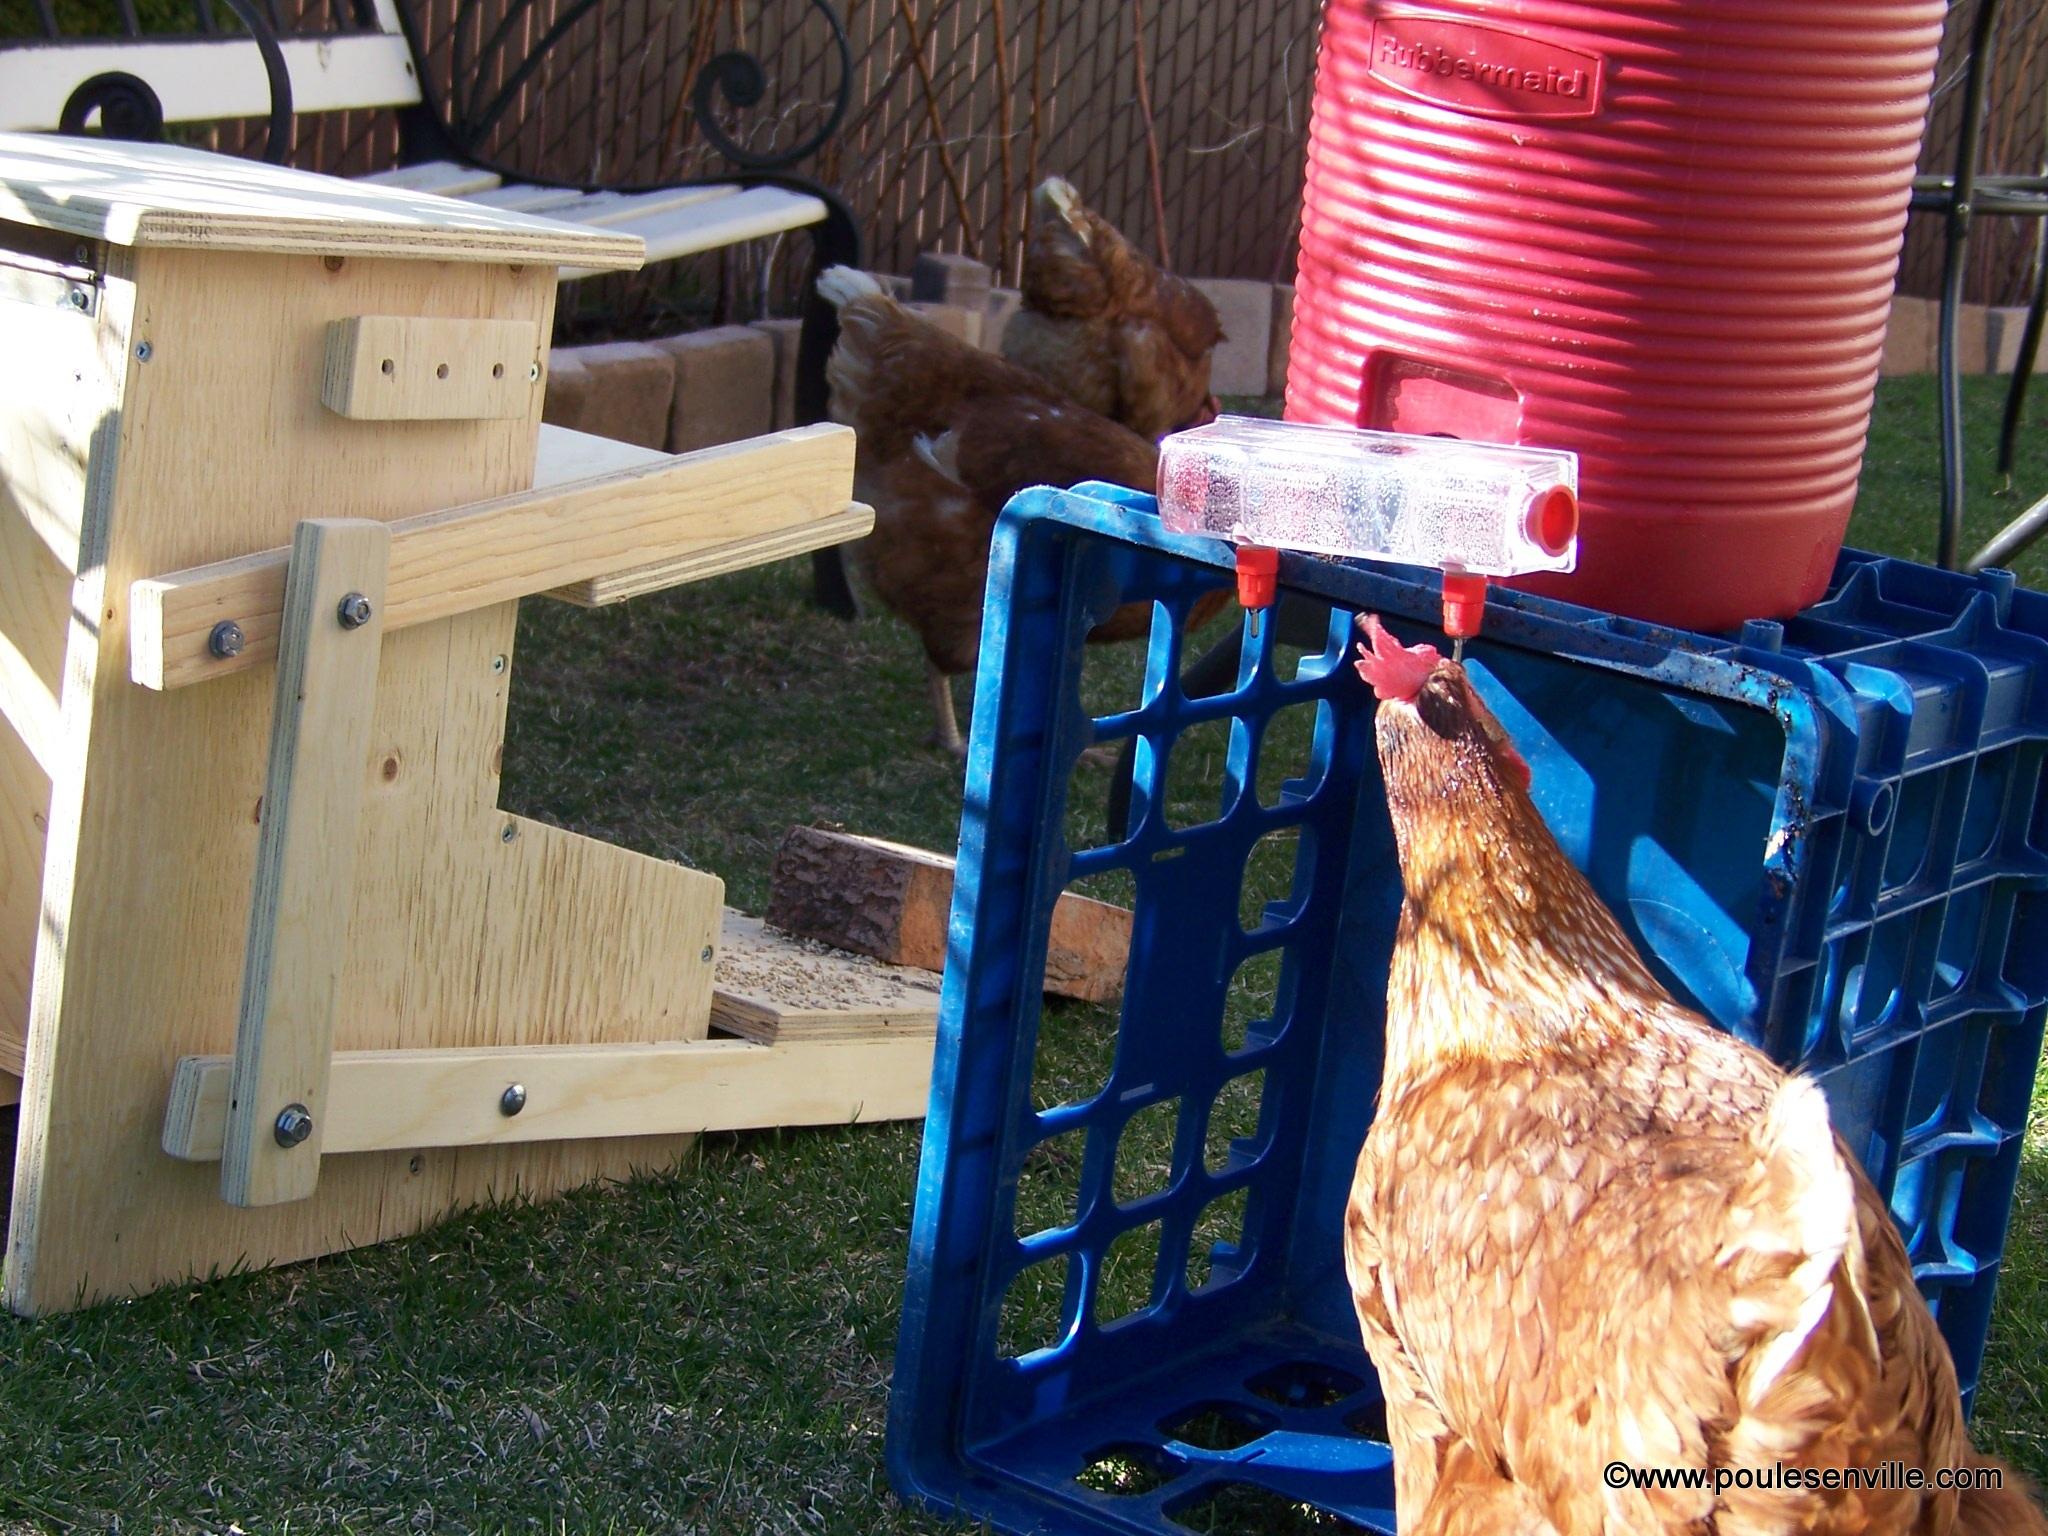 03 100 9482 poules en ville - Poules en ville reglementation ...